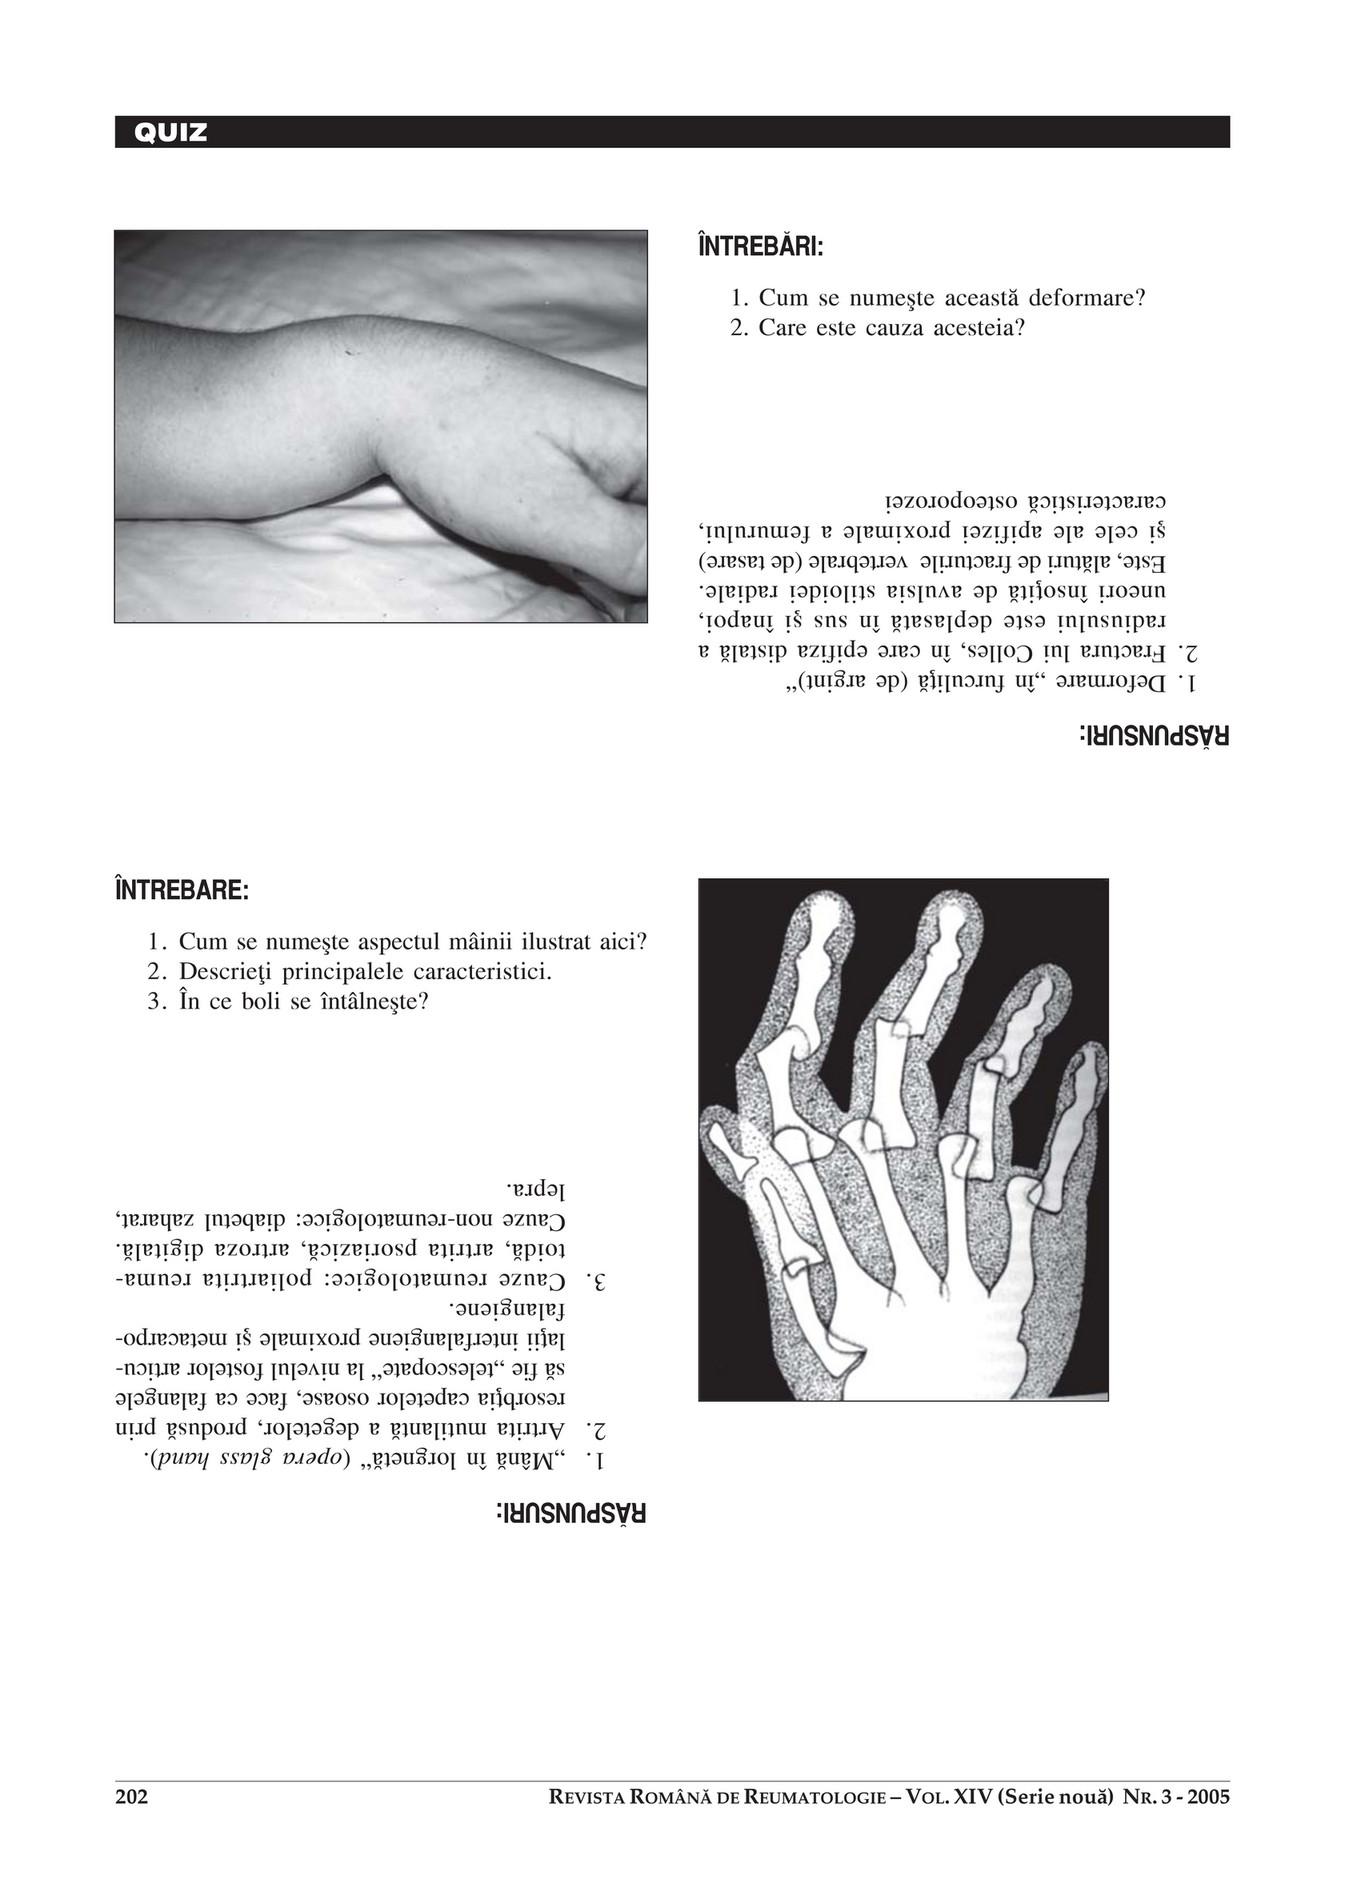 dureri de artrită de la vârf